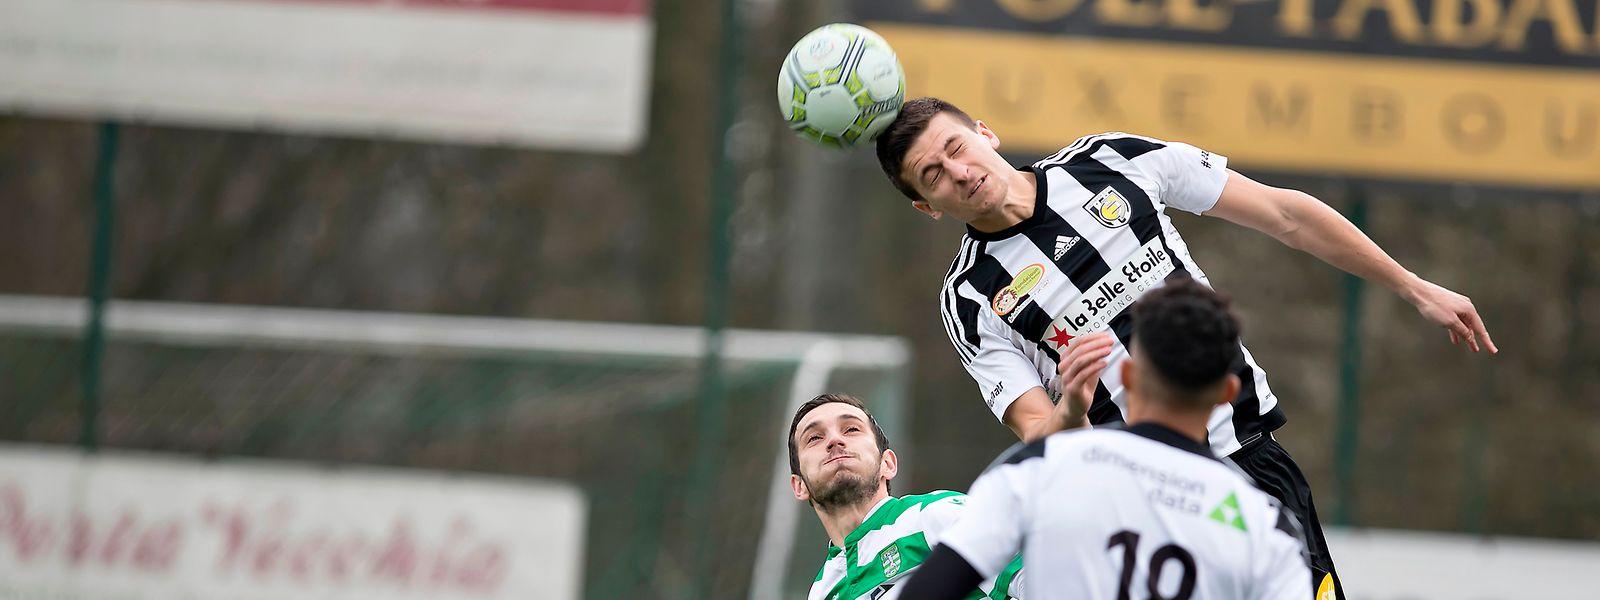 Jeunesse setzt auf die Kopfballstärke von Johannes Steinbach.